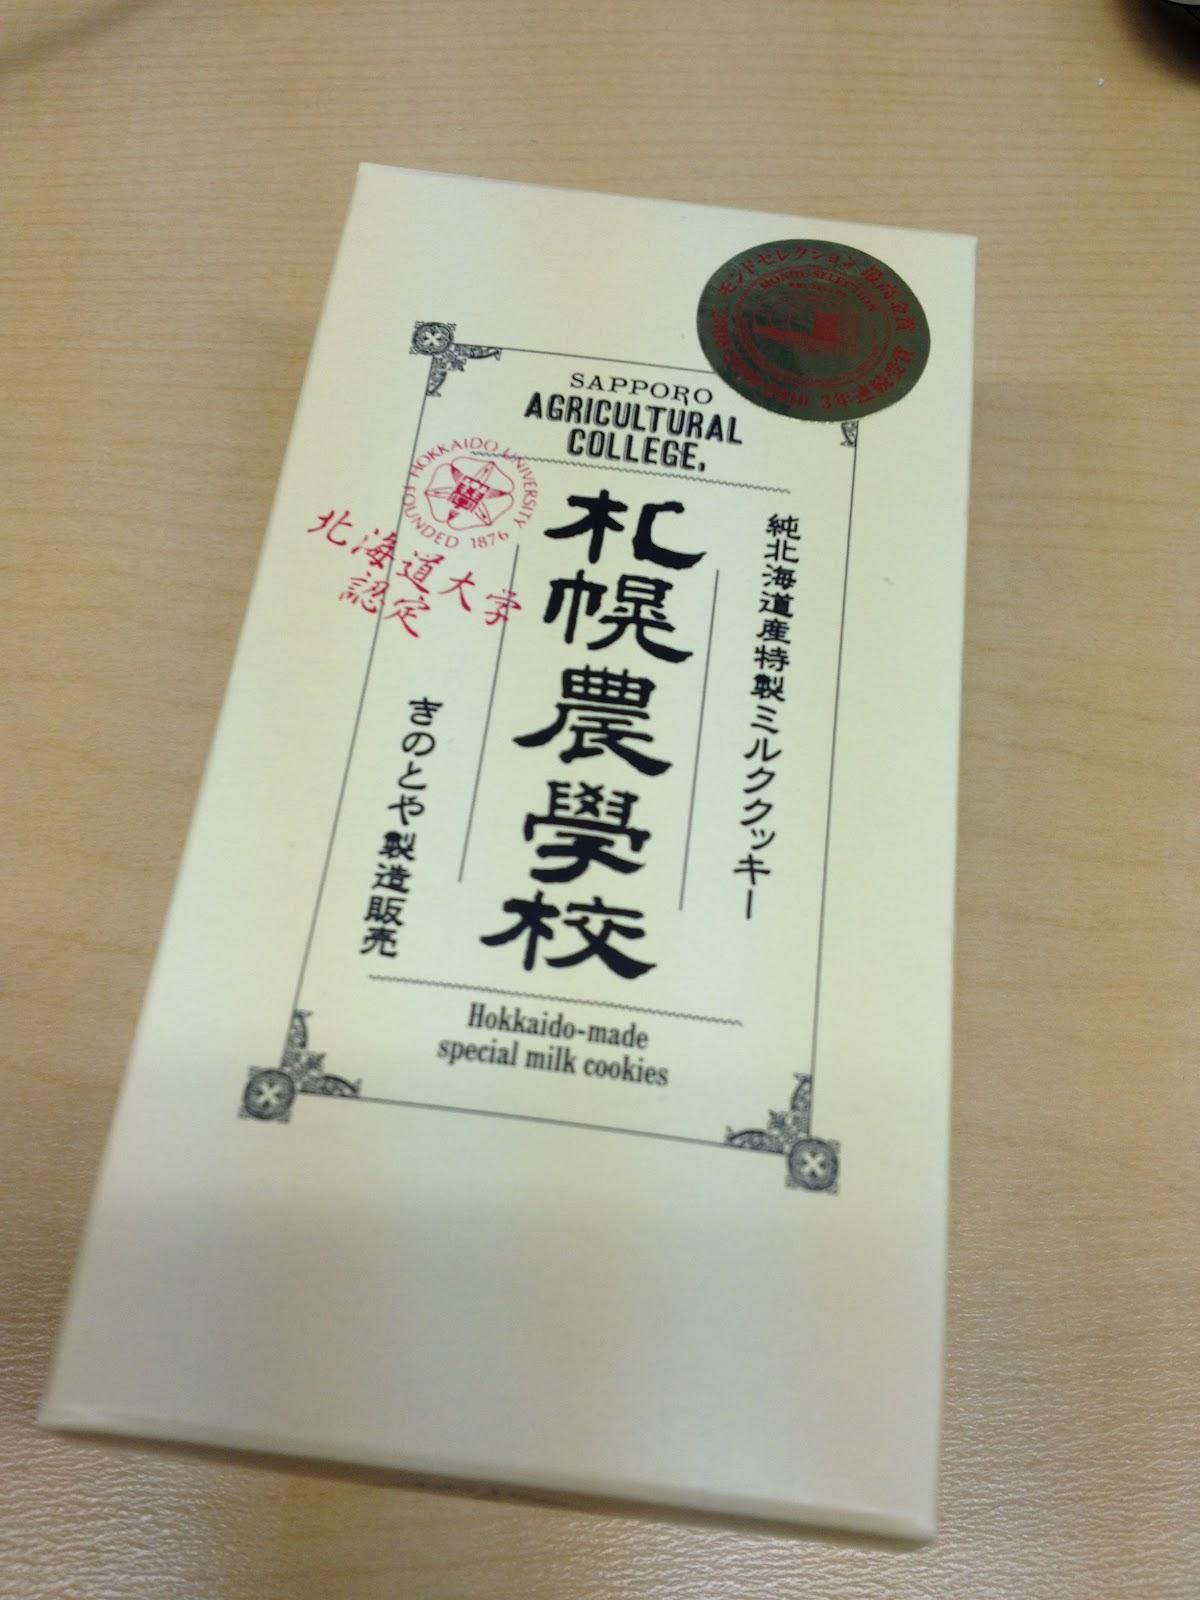 バッドコアラ通信簿: お勧めの北海道土産 札幌農学校 ミルク ...